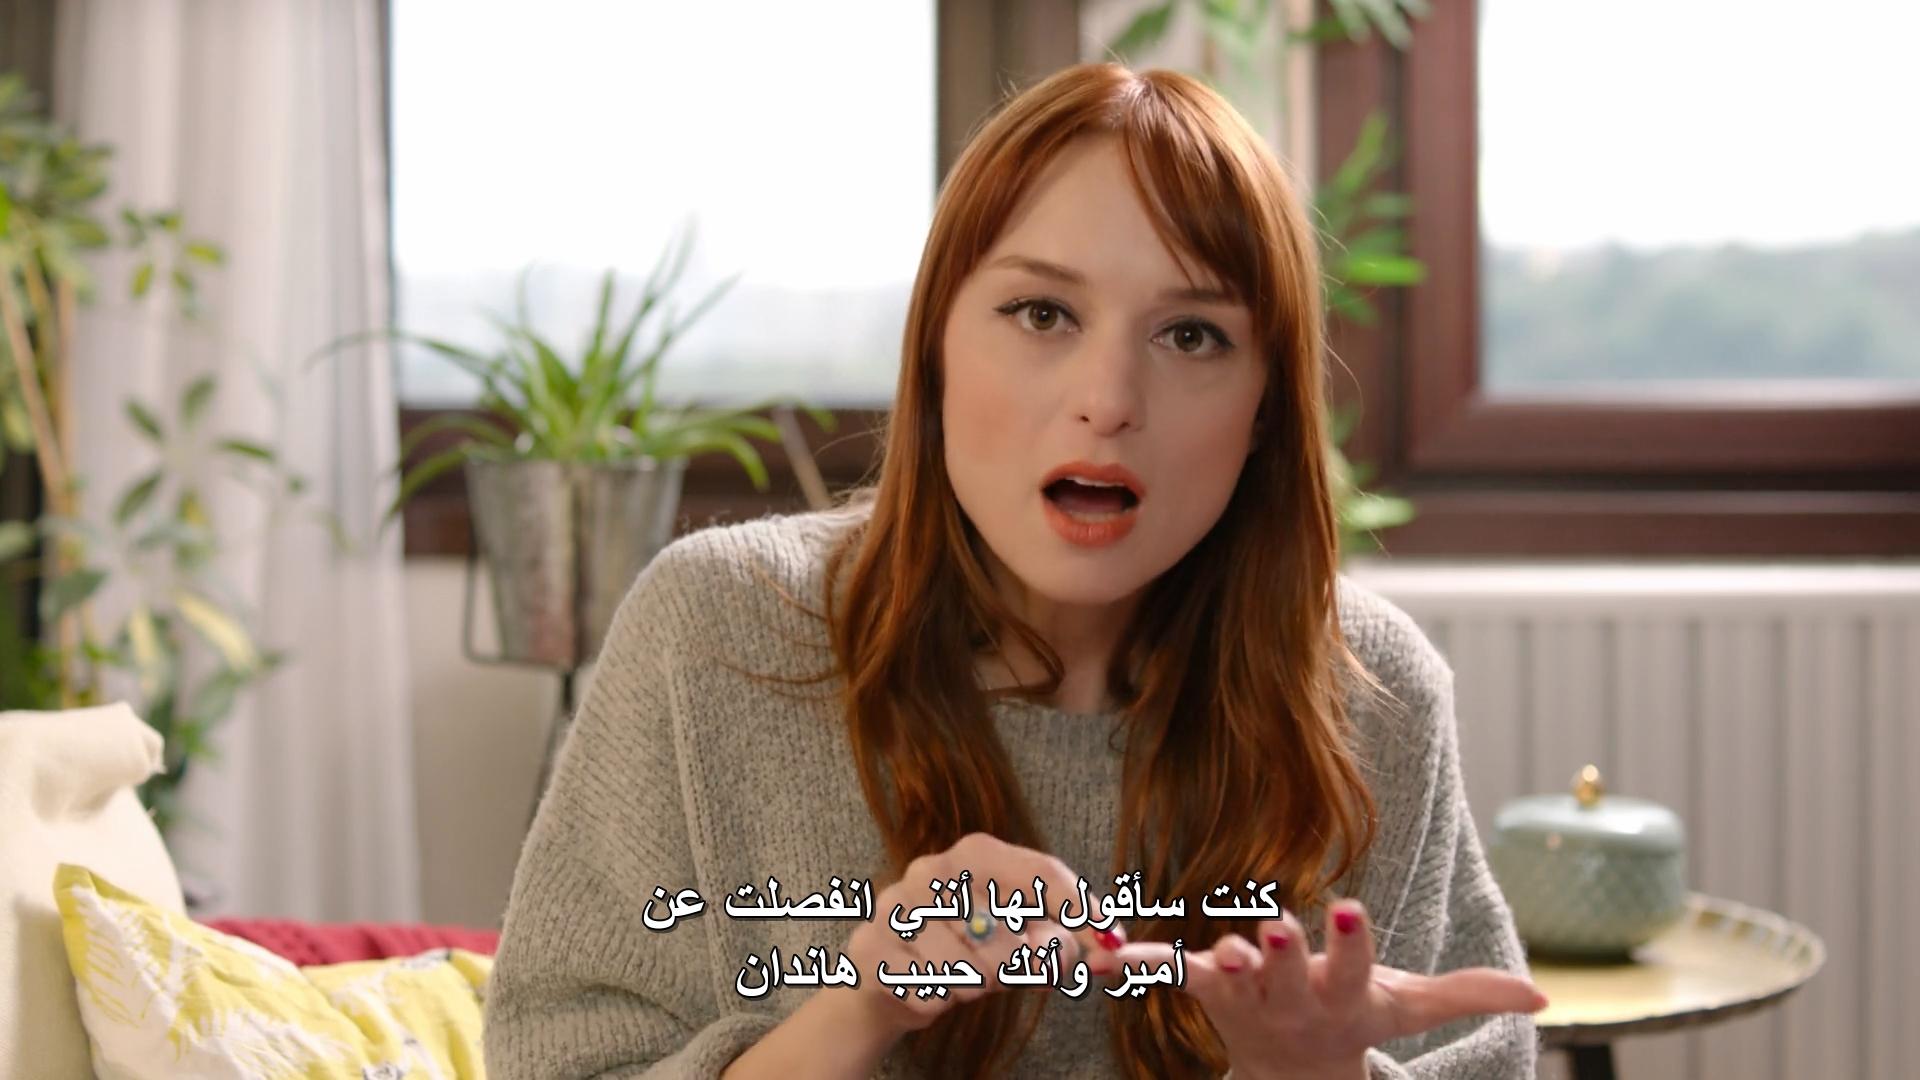 المسلسل التركي القصير نفس الشيء [م1 م2 م3][2019][مترجم][WEB DL][BLUTV][1080p] تحميل تورنت 17 arabp2p.com